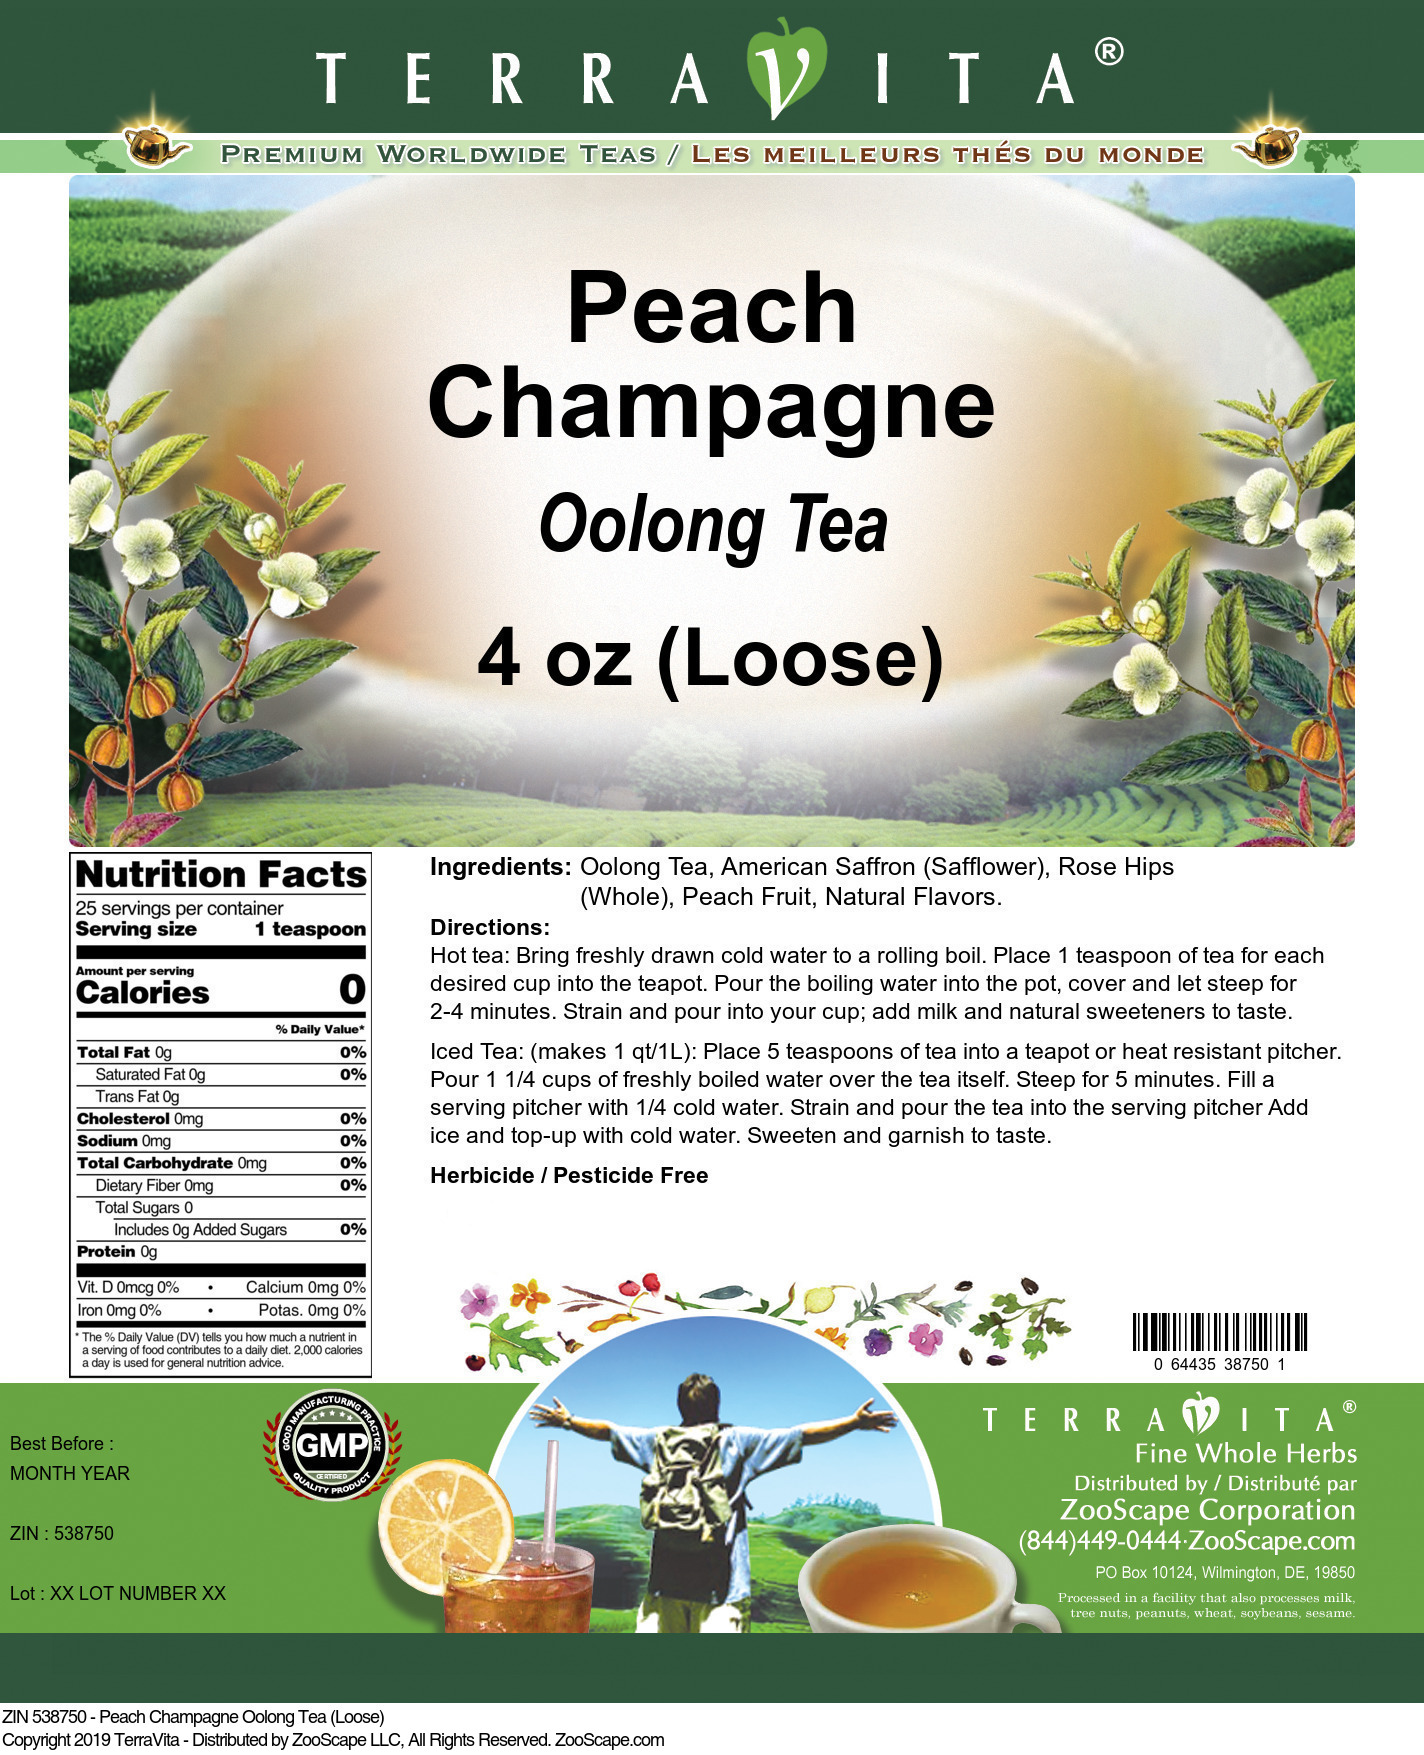 Peach Champagne Oolong Tea